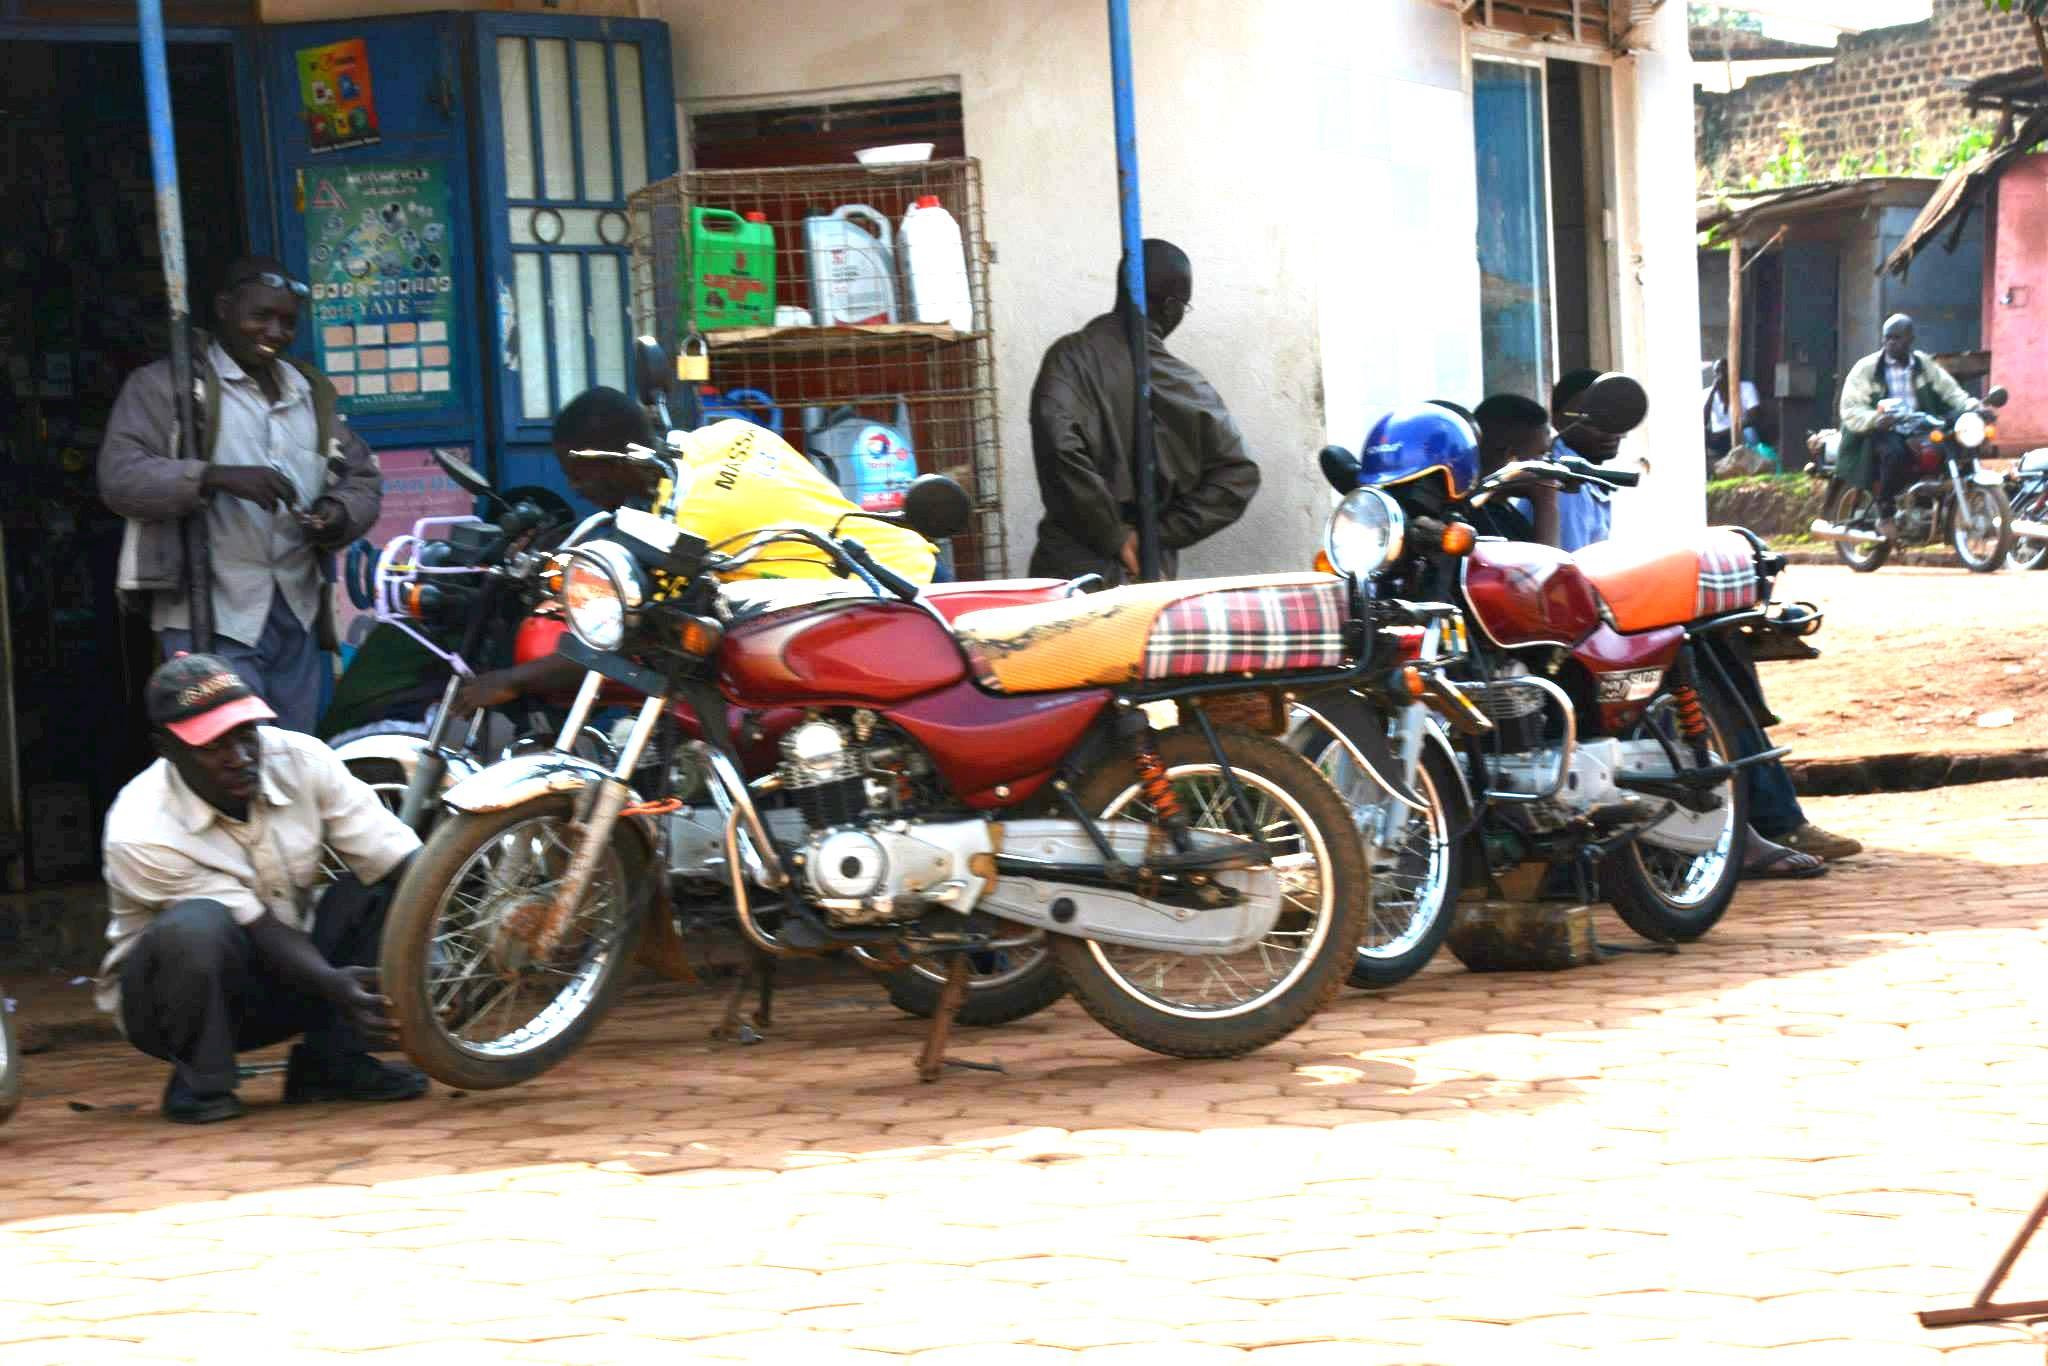 אופנועים-כלי רכב מרכזי באוגנדה